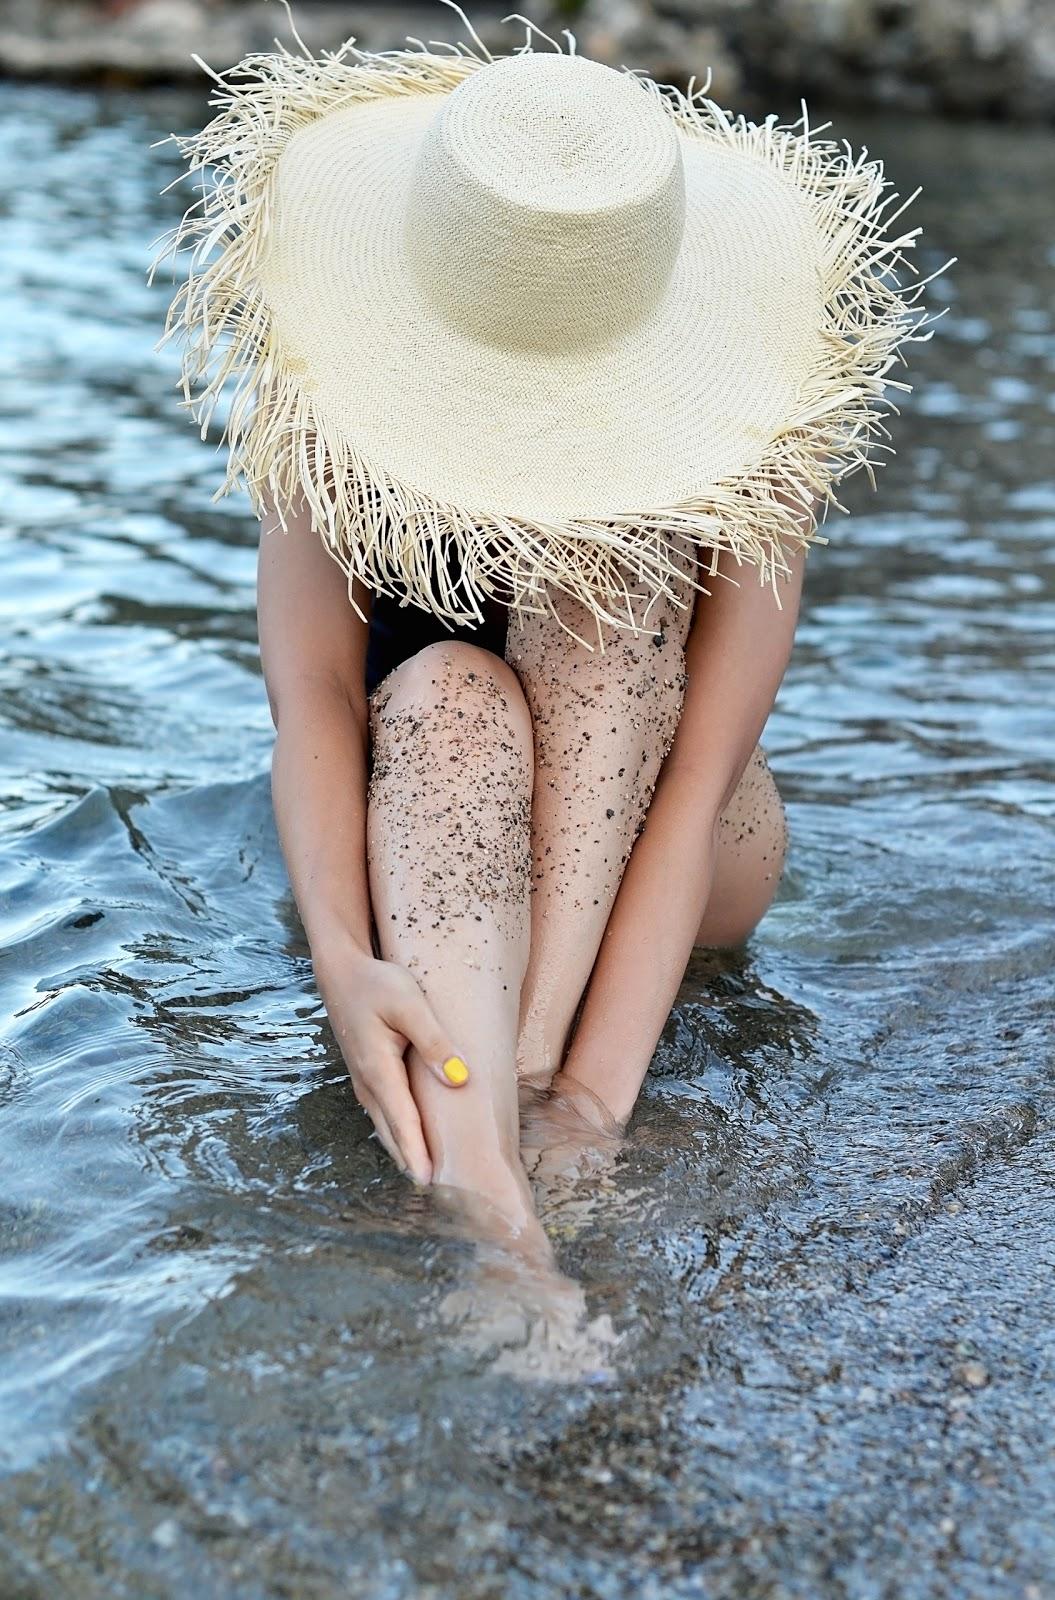 podroz marzen | kapelusz | blog o modzie | moda | podroze cammy